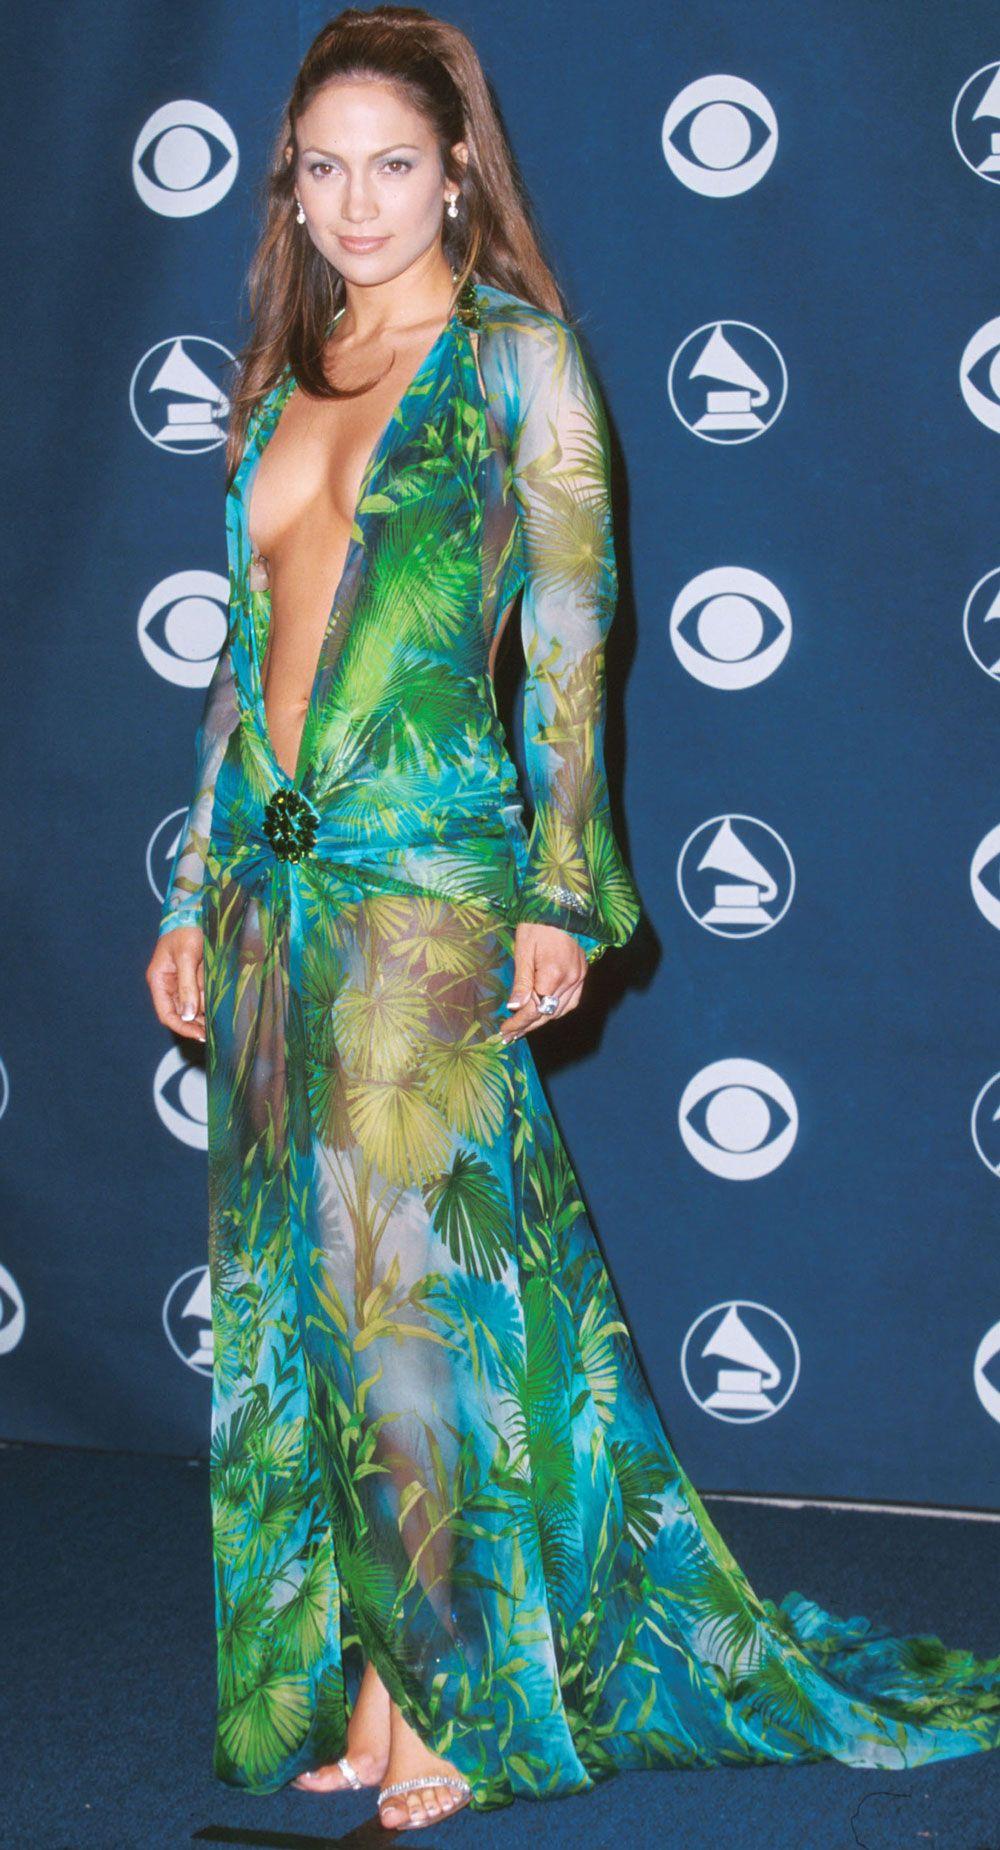 Jennifer Lopez Grammy's dress